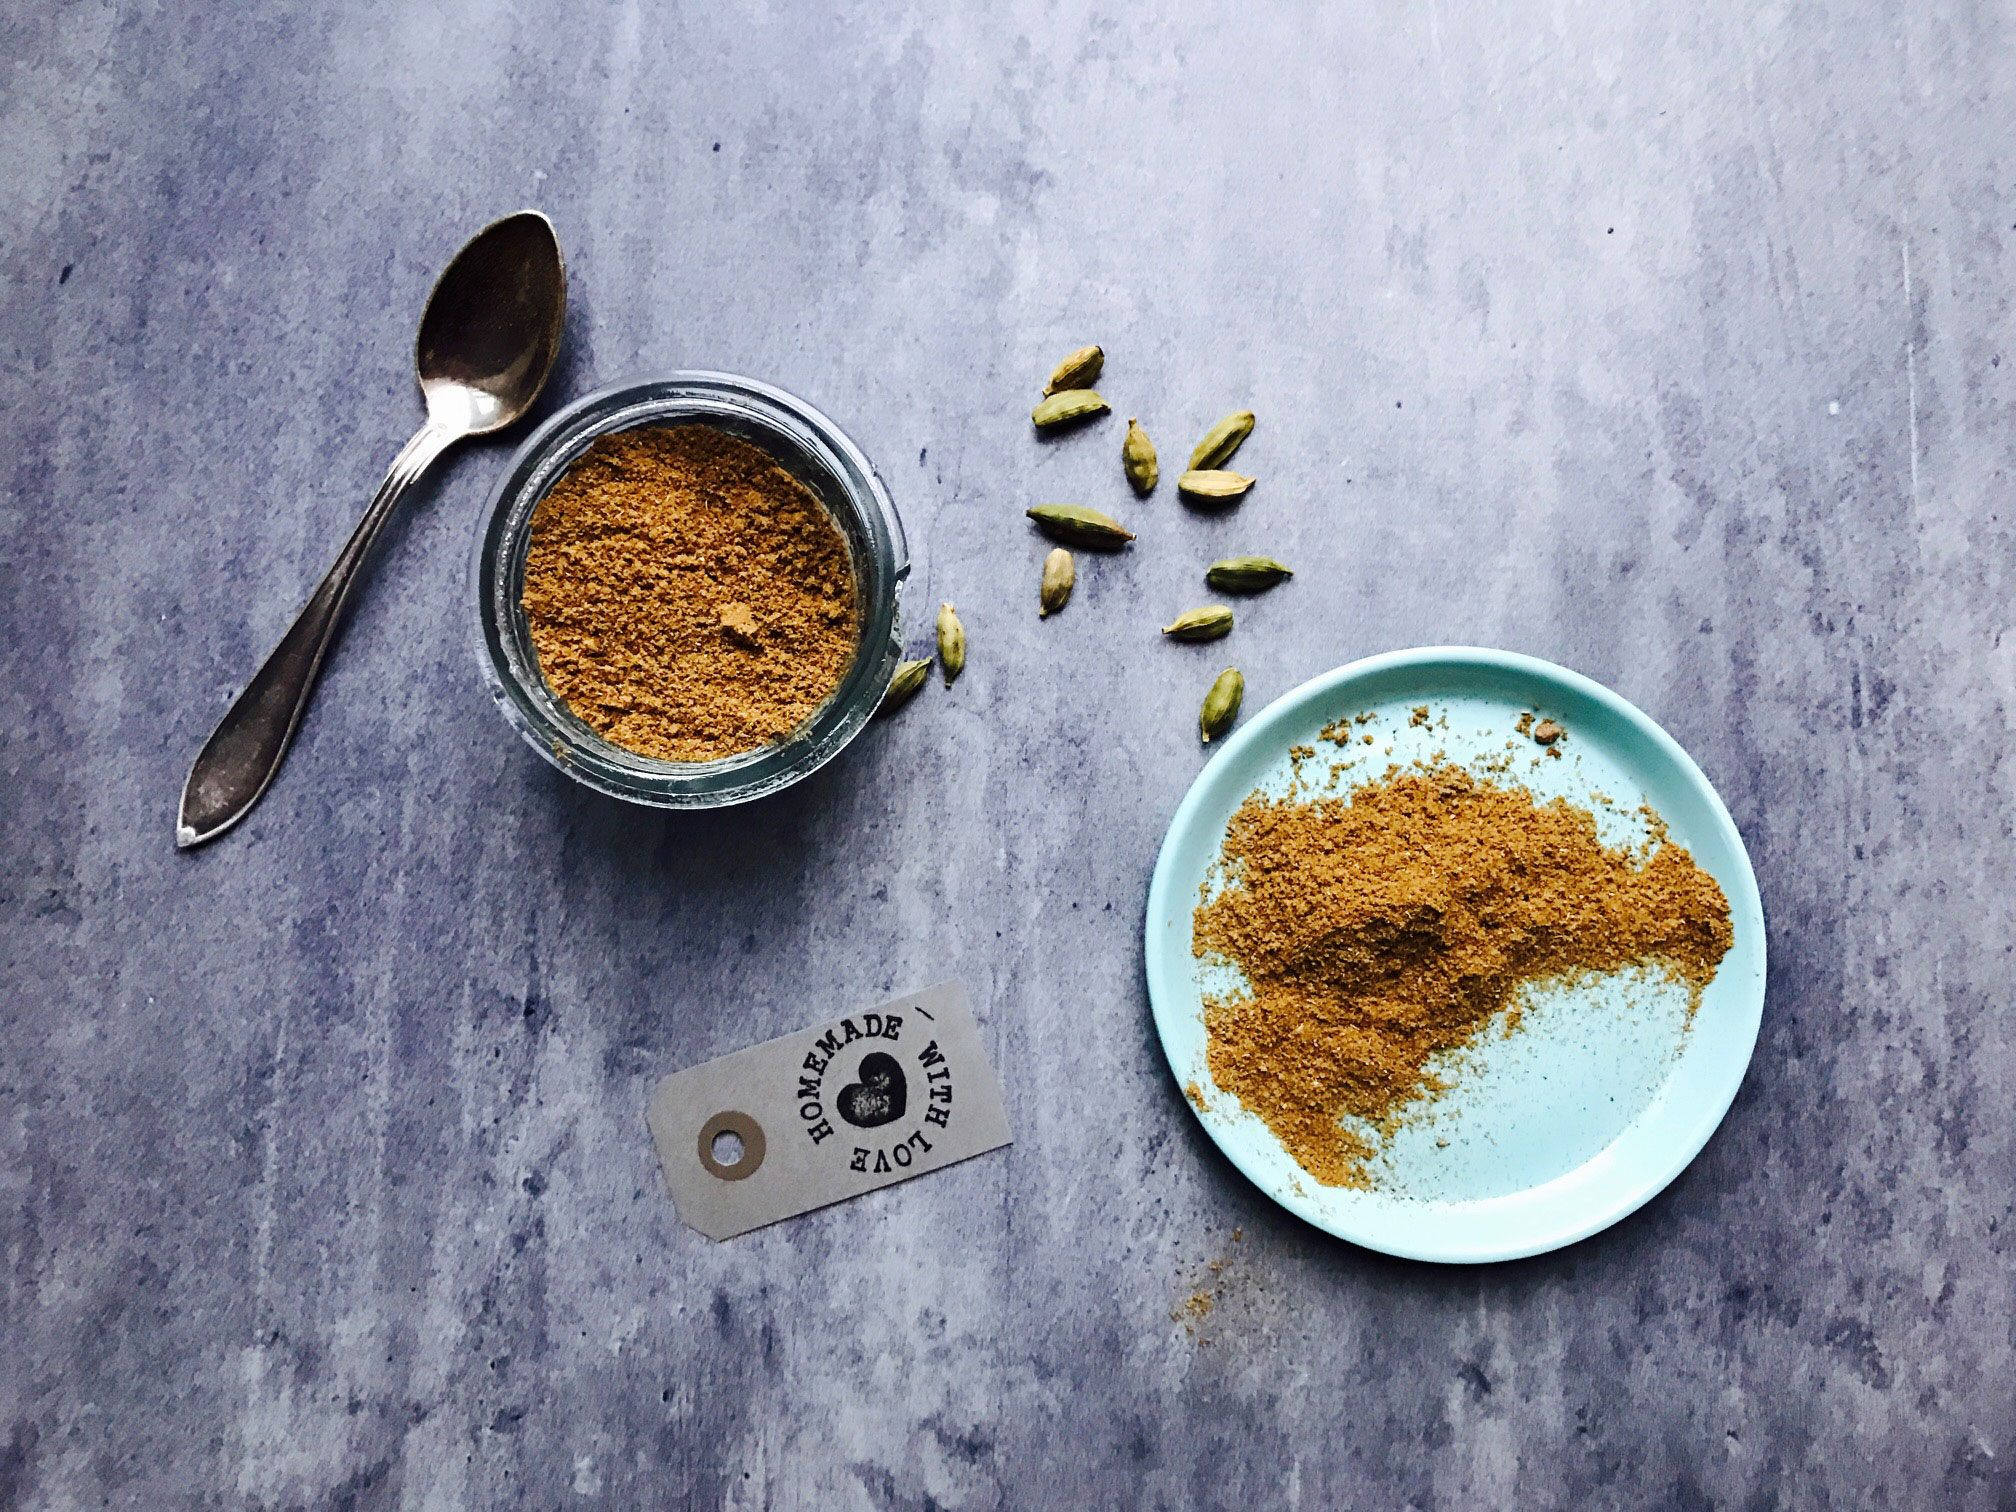 Det er nemt og hurtigt at blande sit eget Garam Masala krydderi, og på den måde får man præcis den smag, man allerbedst kan lide i sine indiske gryderetter.